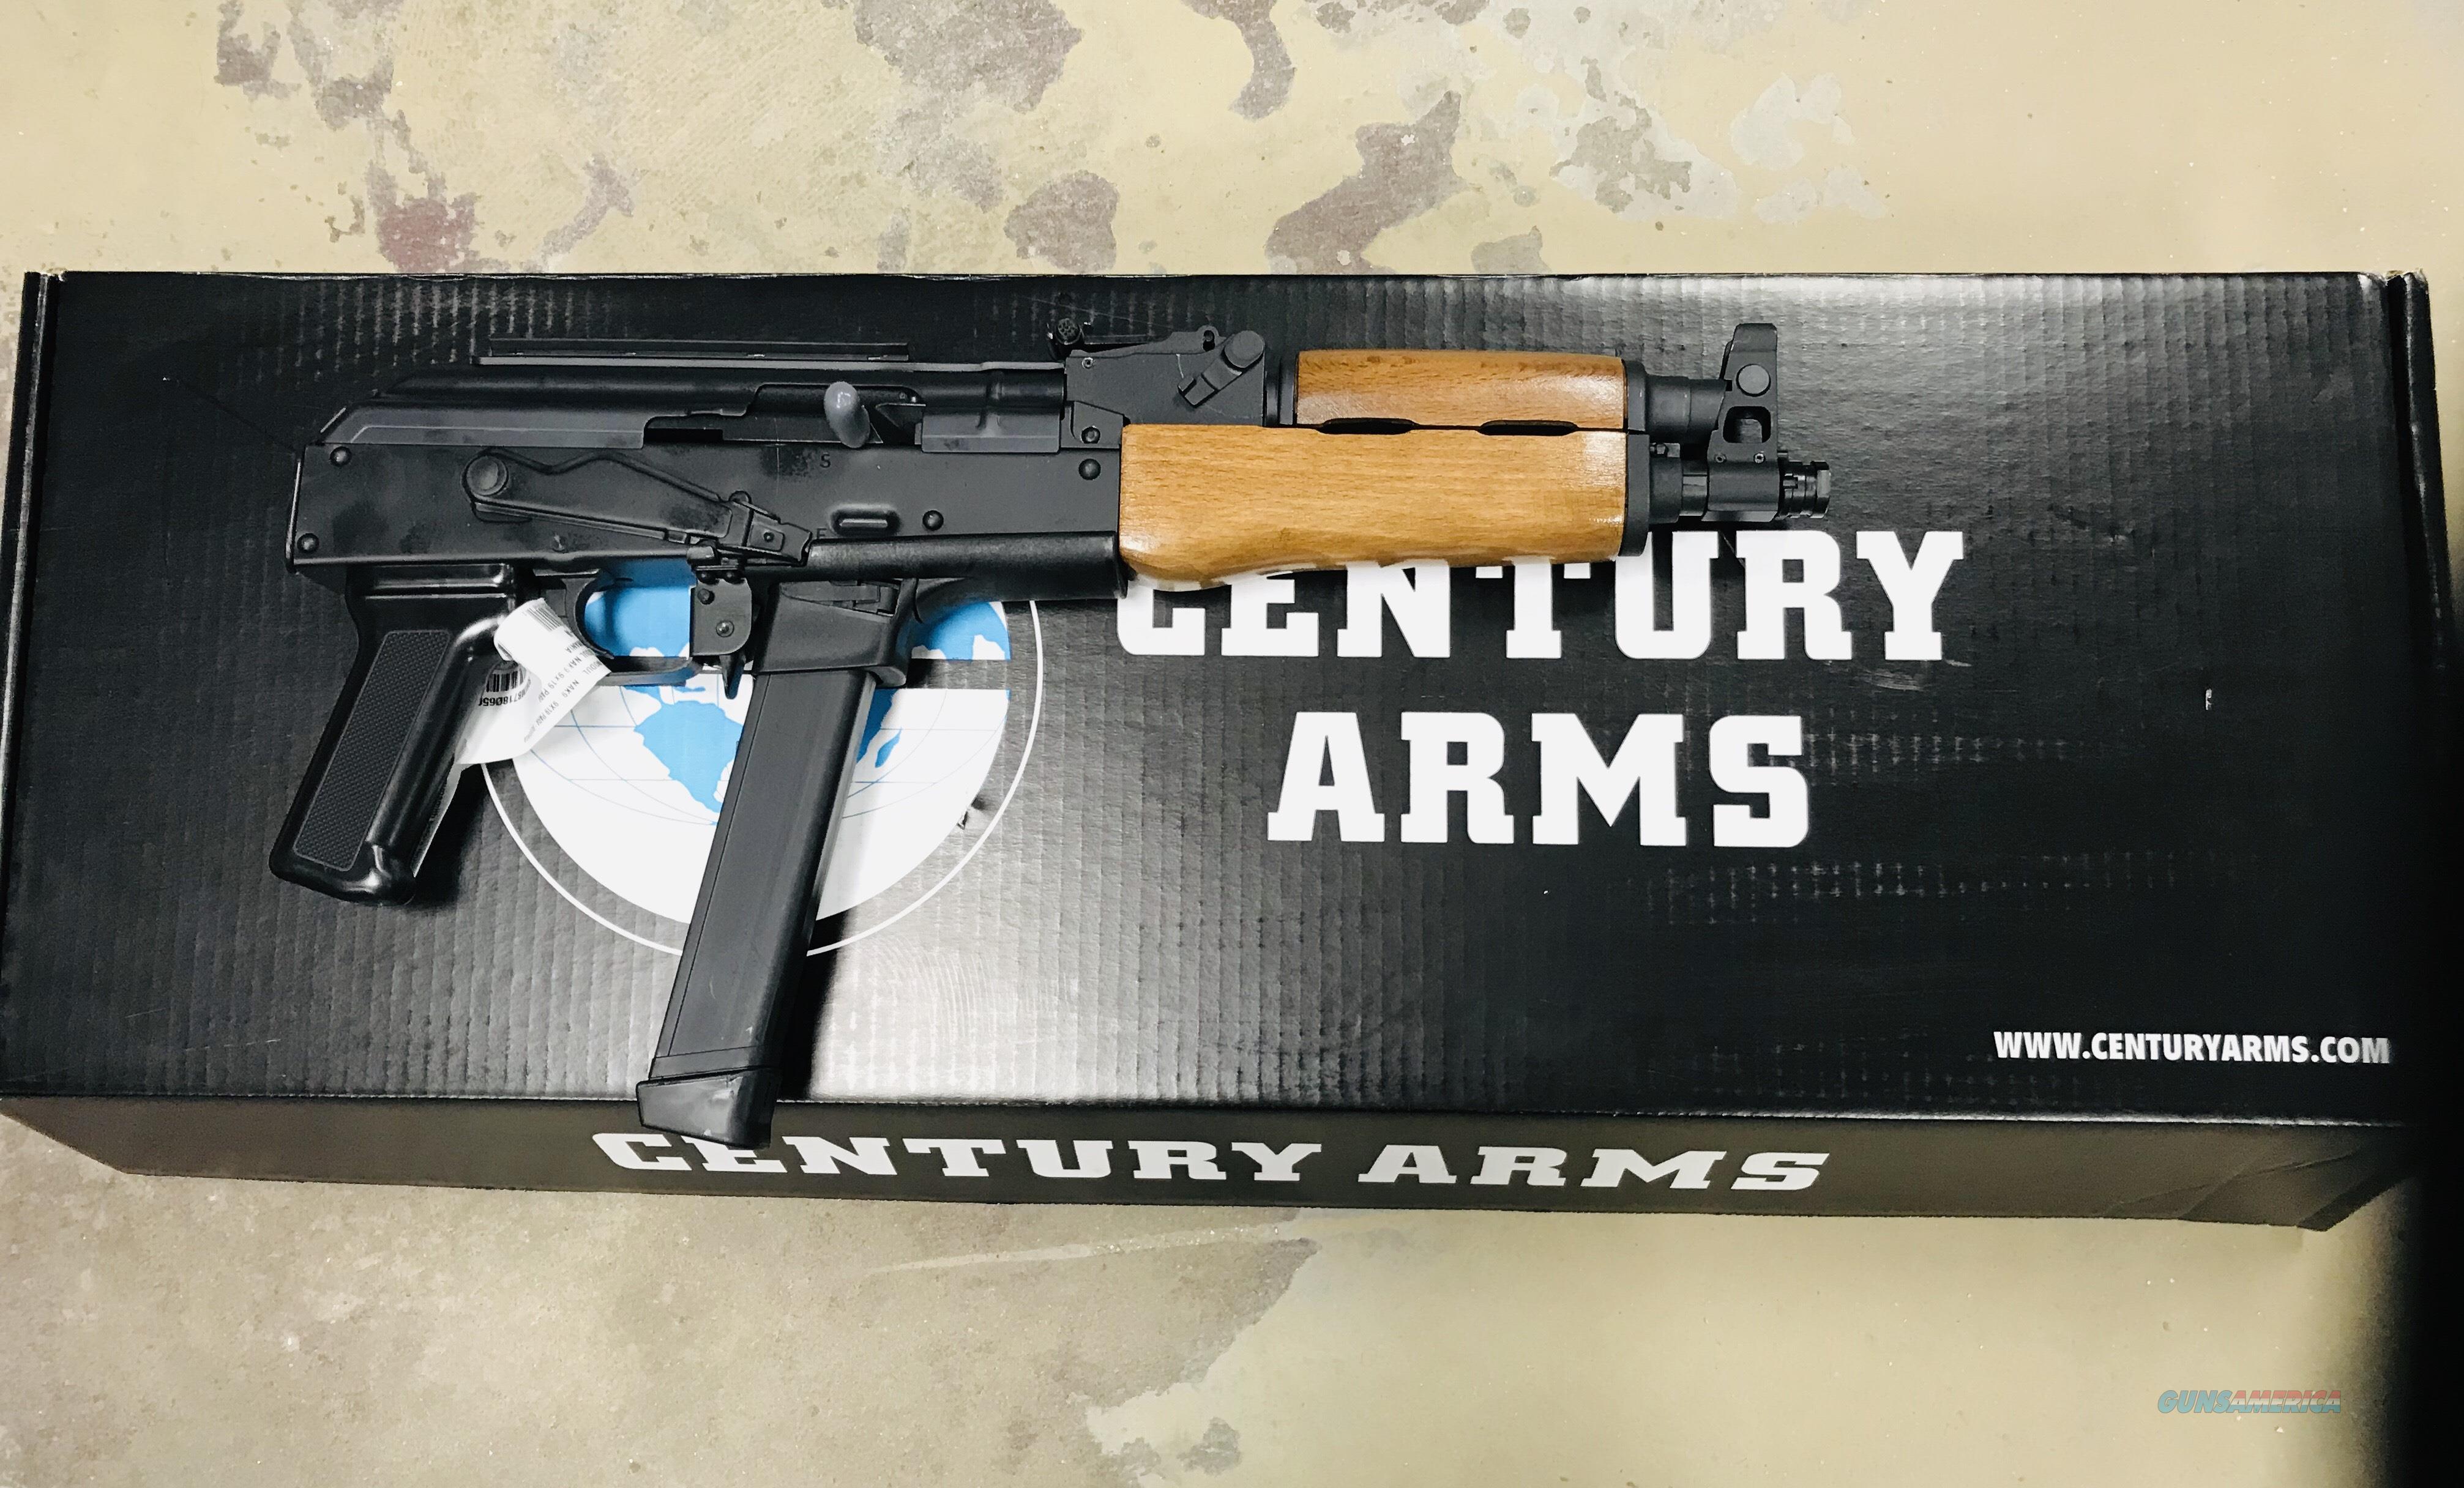 CENTURY ARMS NAK9 PISTOL   FREE SHIPPING  Guns > Pistols > Century International Arms - Pistols > Pistols